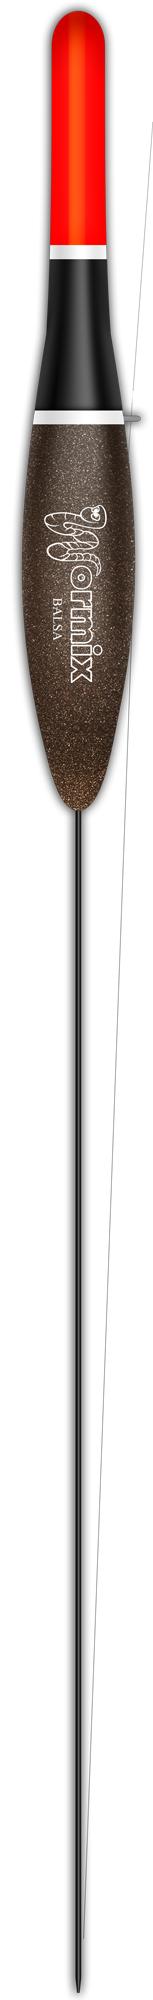 Поплавок Wormix 011 - 2.5 гр